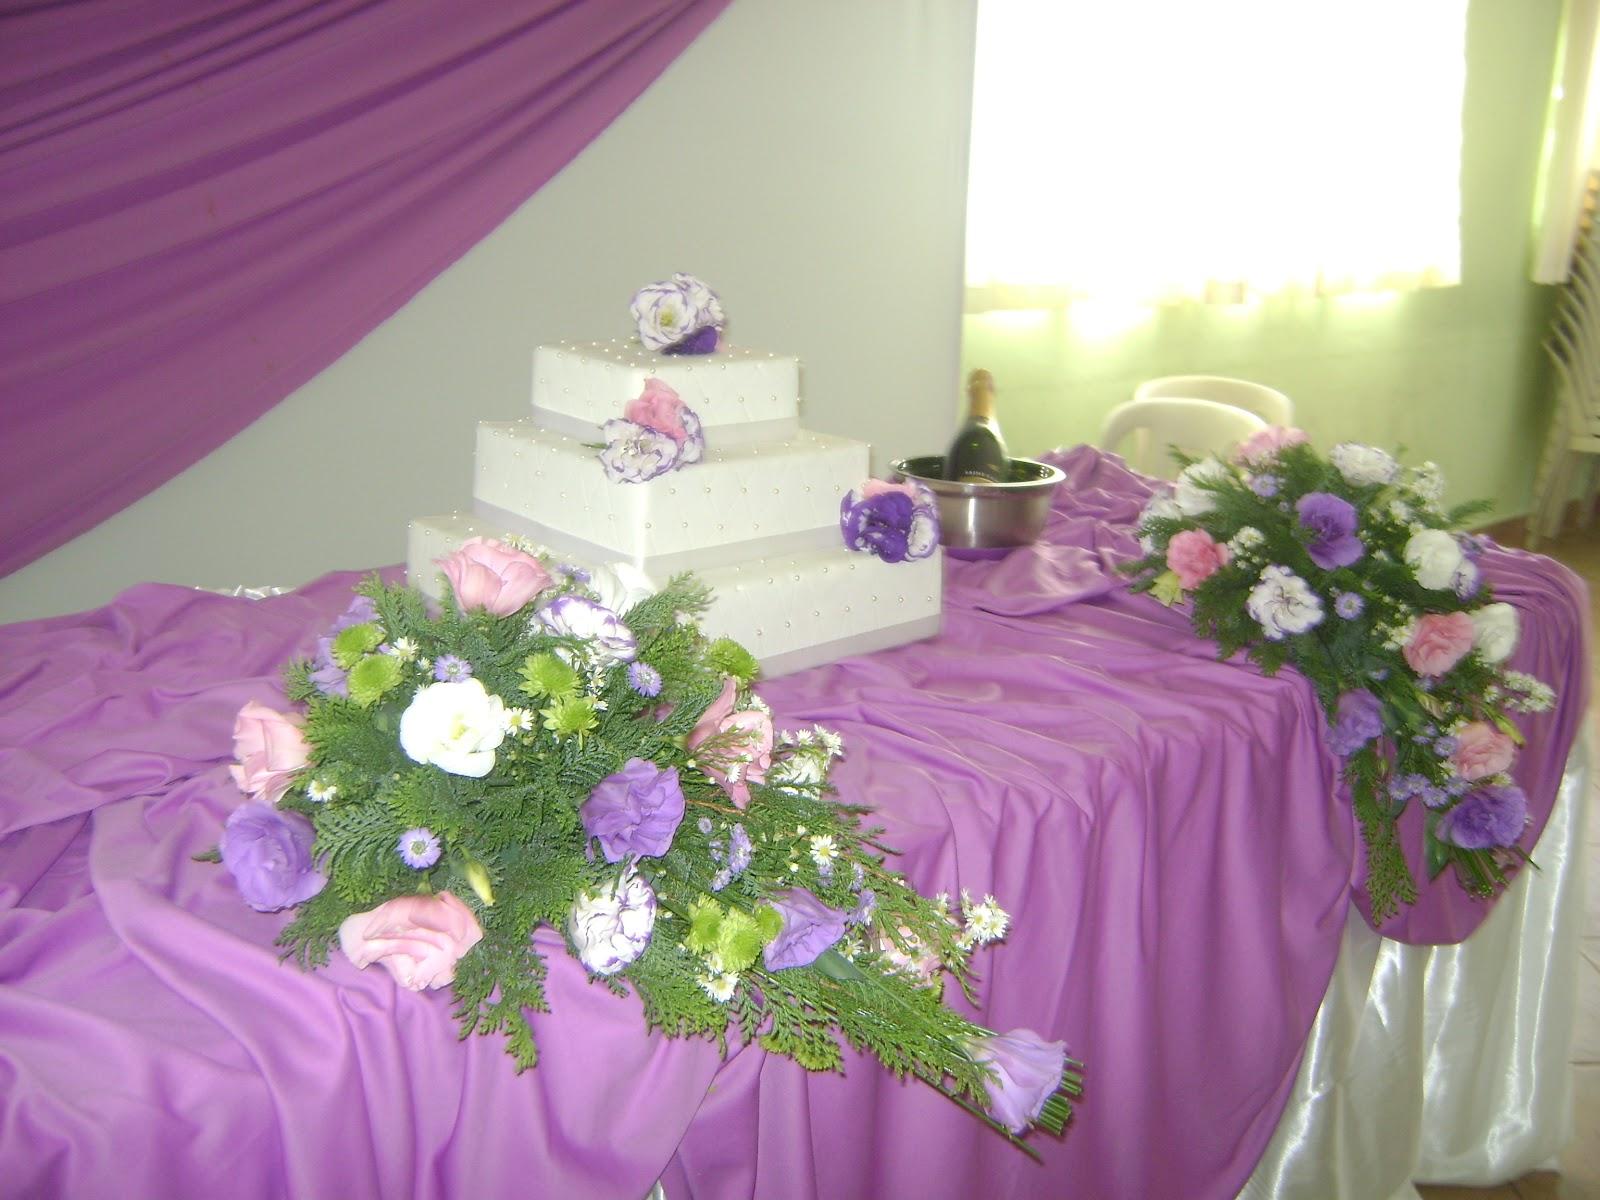 decoracao branco e lilas para casamento: Decorações: Decoração de Casamento Lilas e branco 26/05/2012